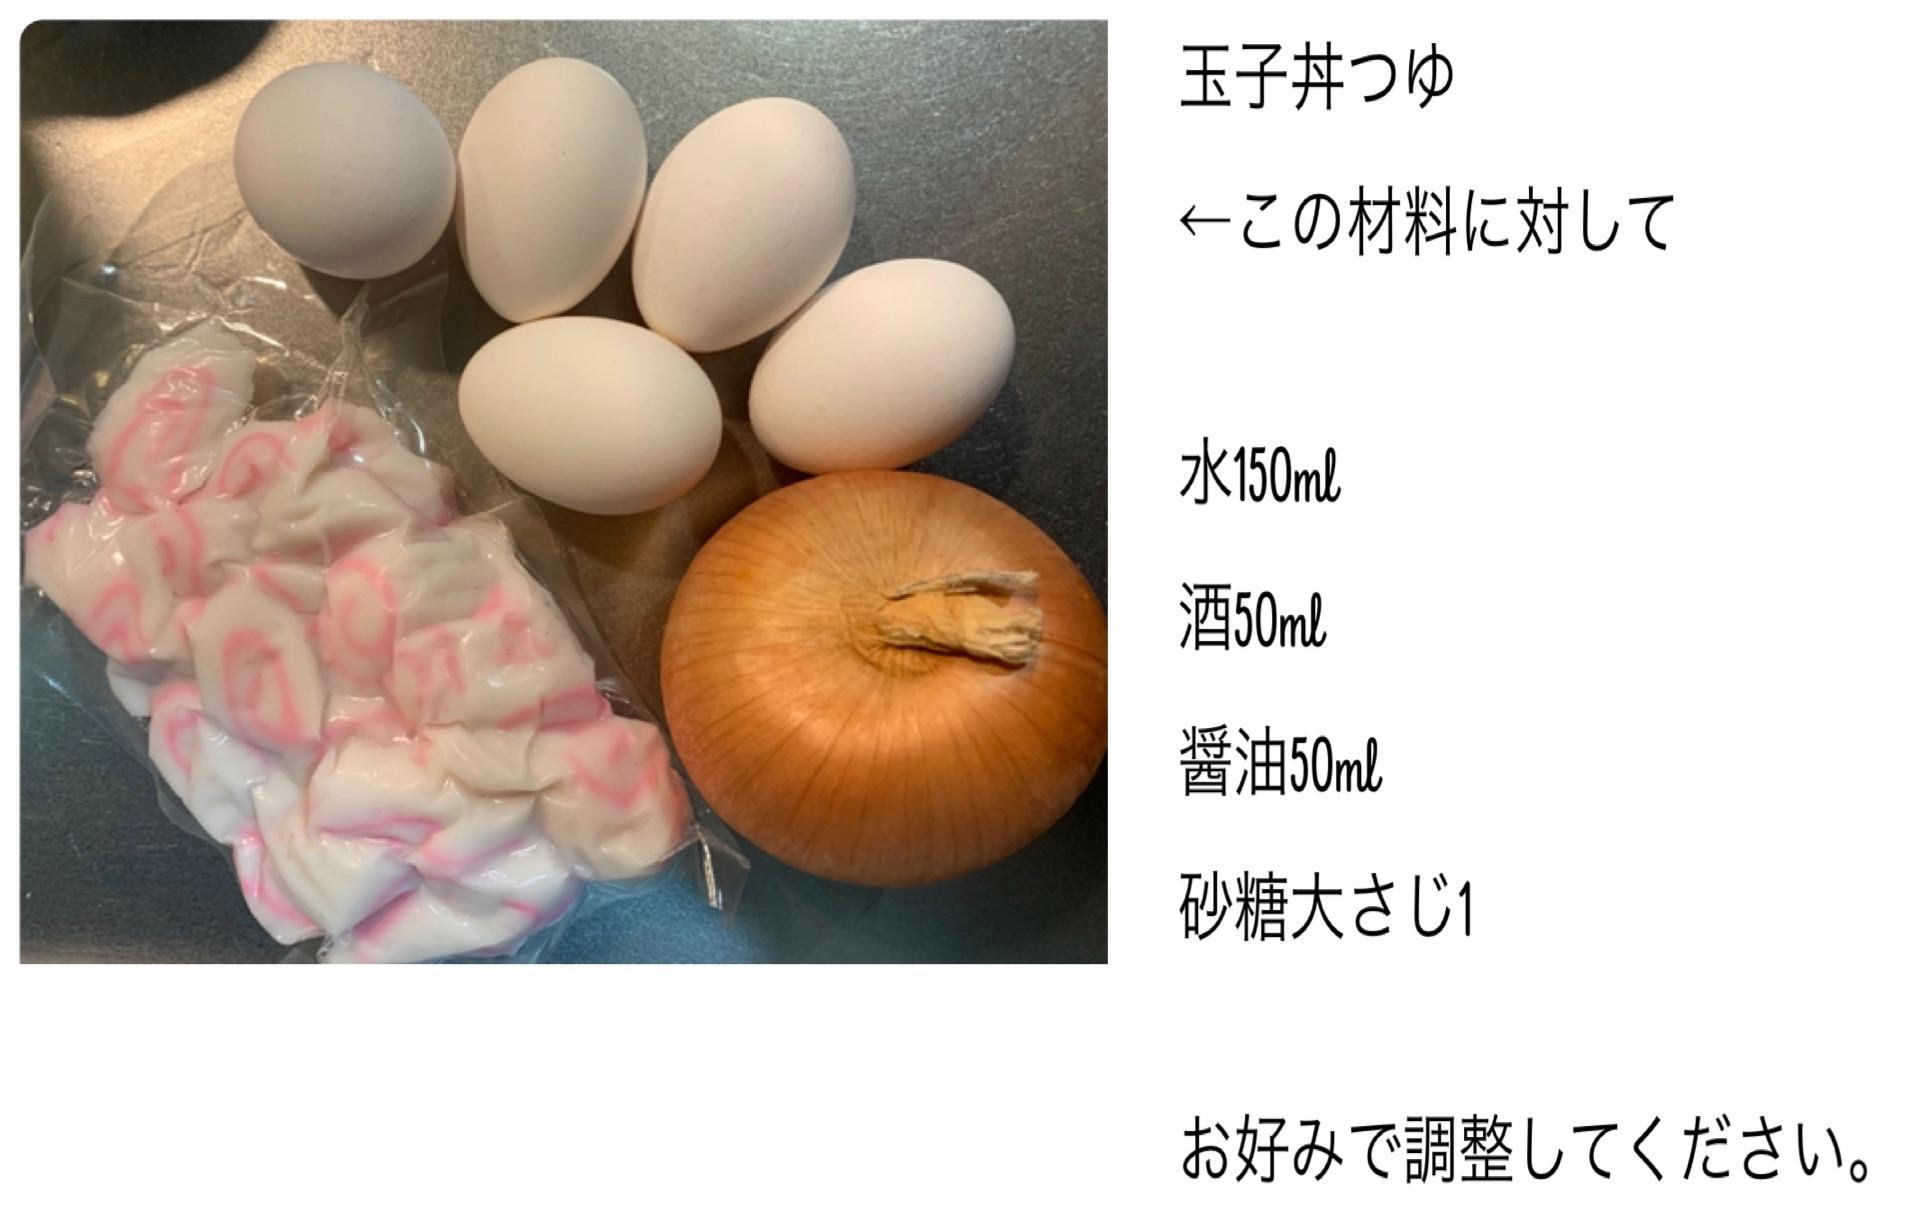 f:id:ikiruikeru43:20200519220419j:image